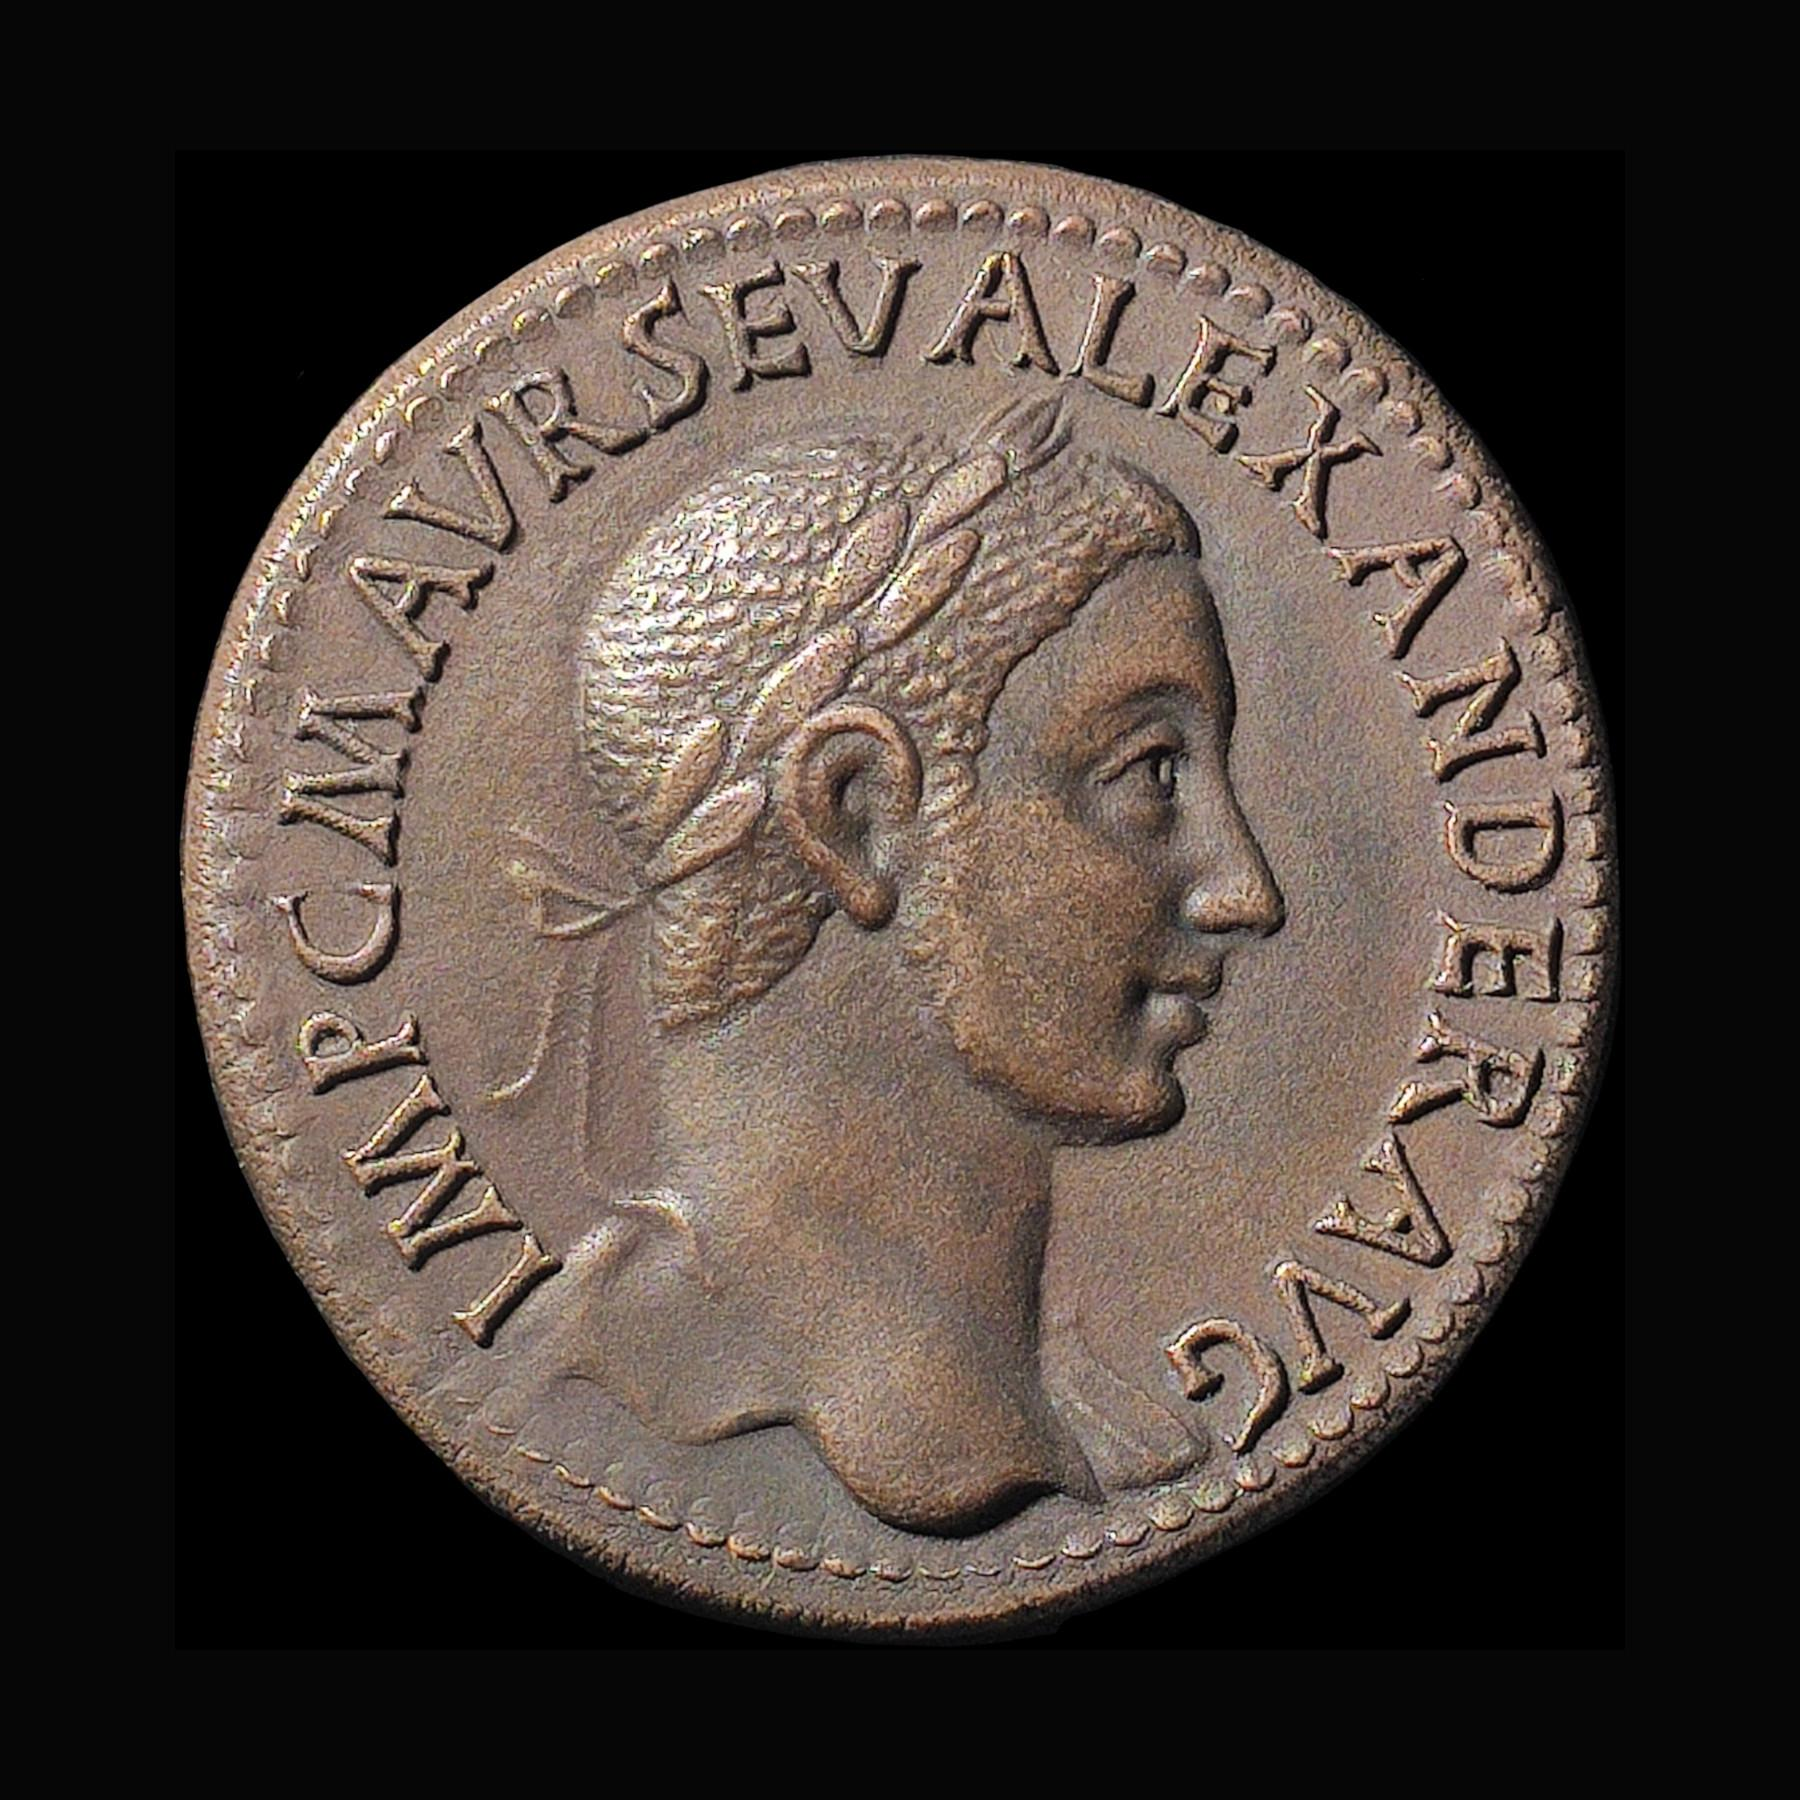 29 alexandre severe 1800